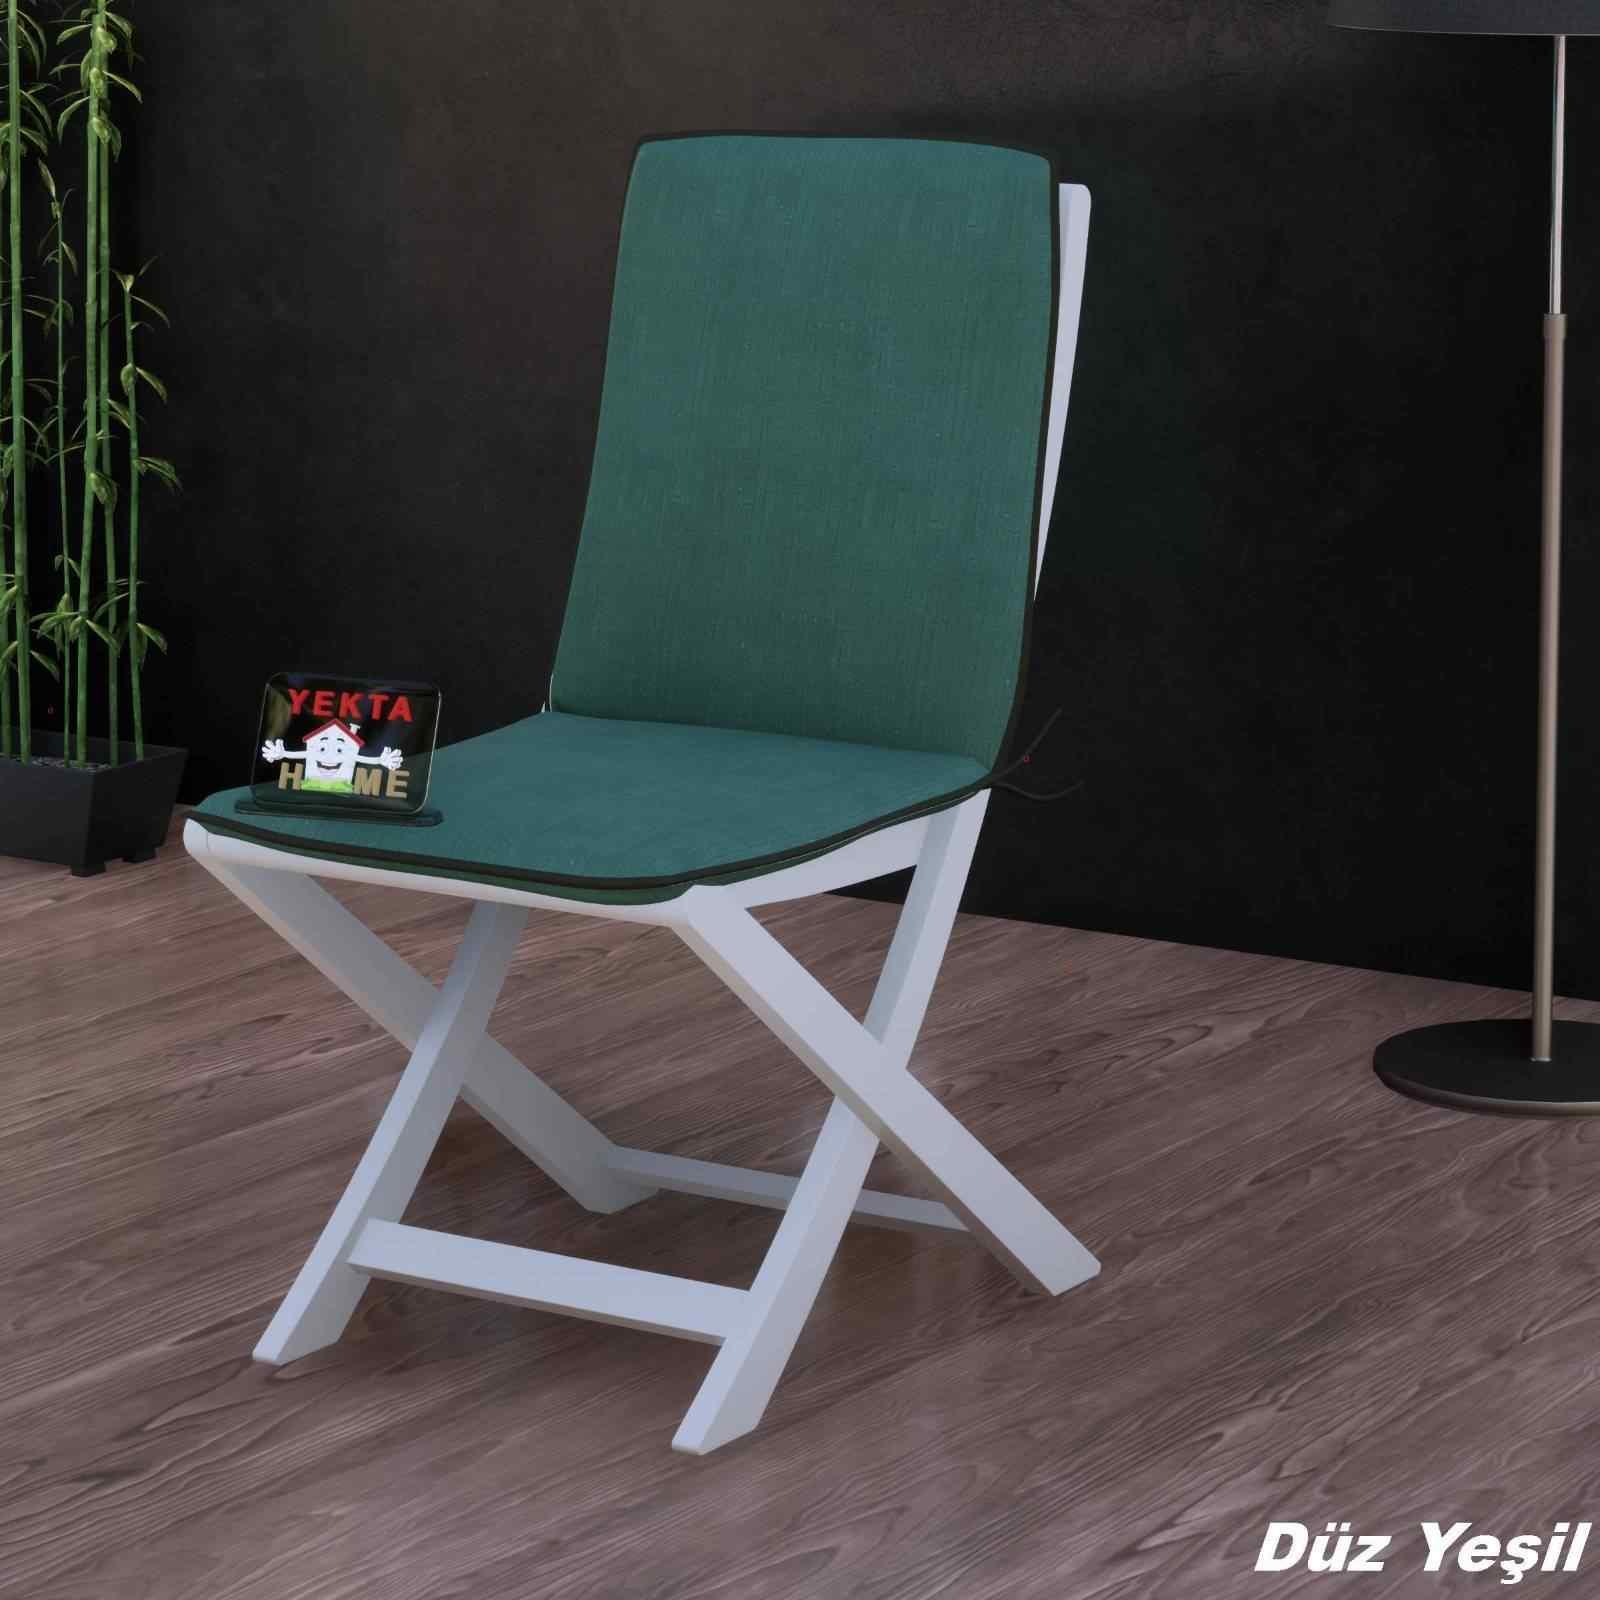 Sırtlı Sandalye Minderi - Arkalıklı Rattan Koltuk Minderi 6 Adet Düz Yeşil